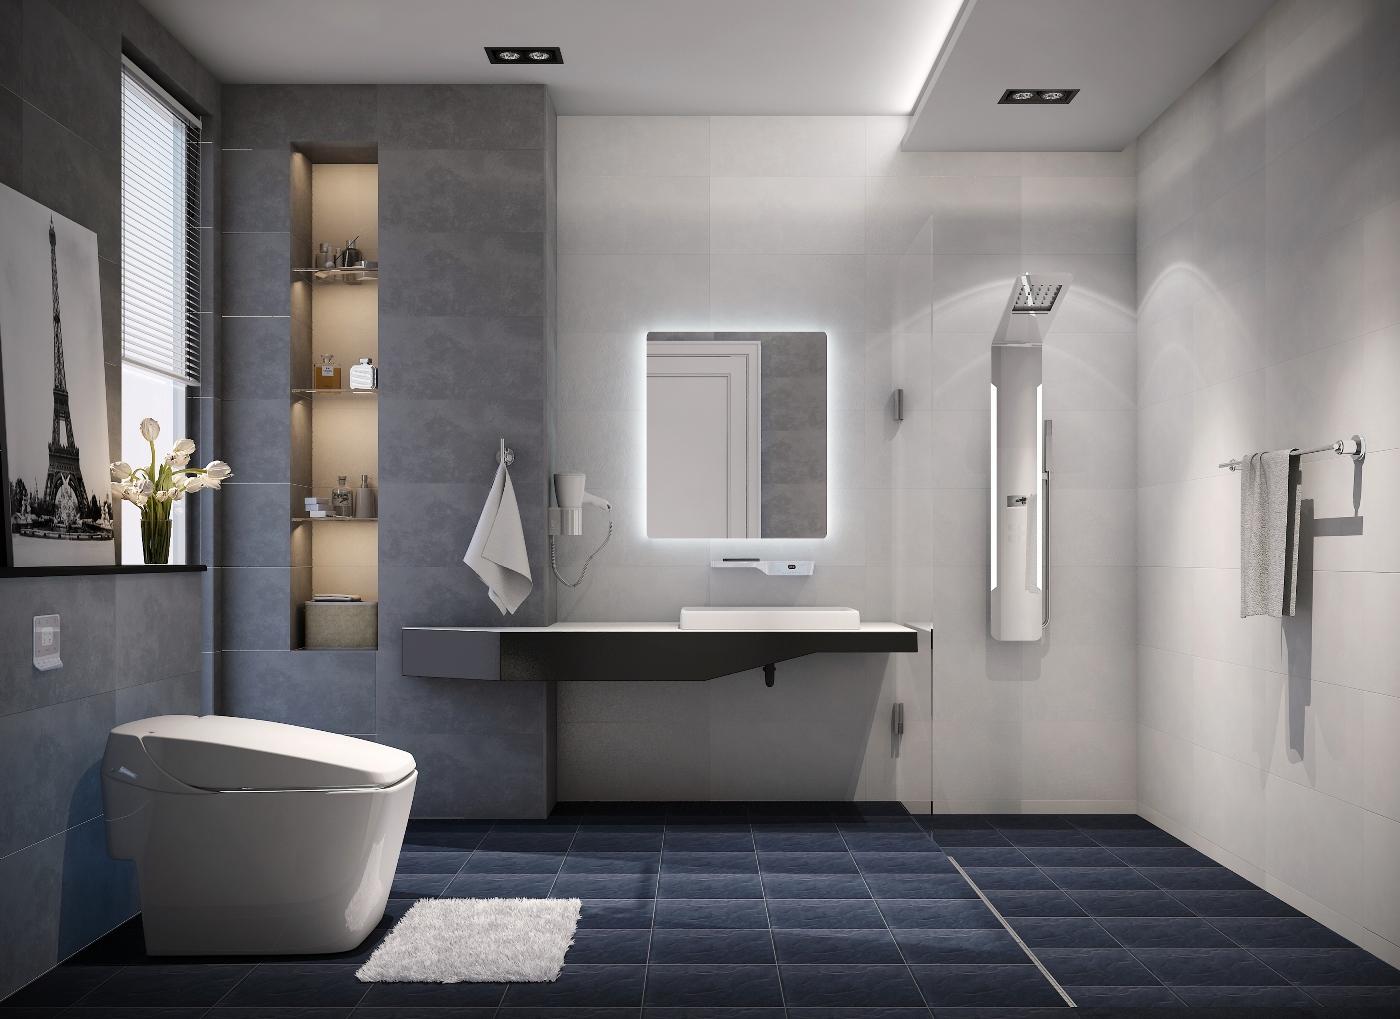 Phòng tắm hiện đại và vô cùng tiện lợi